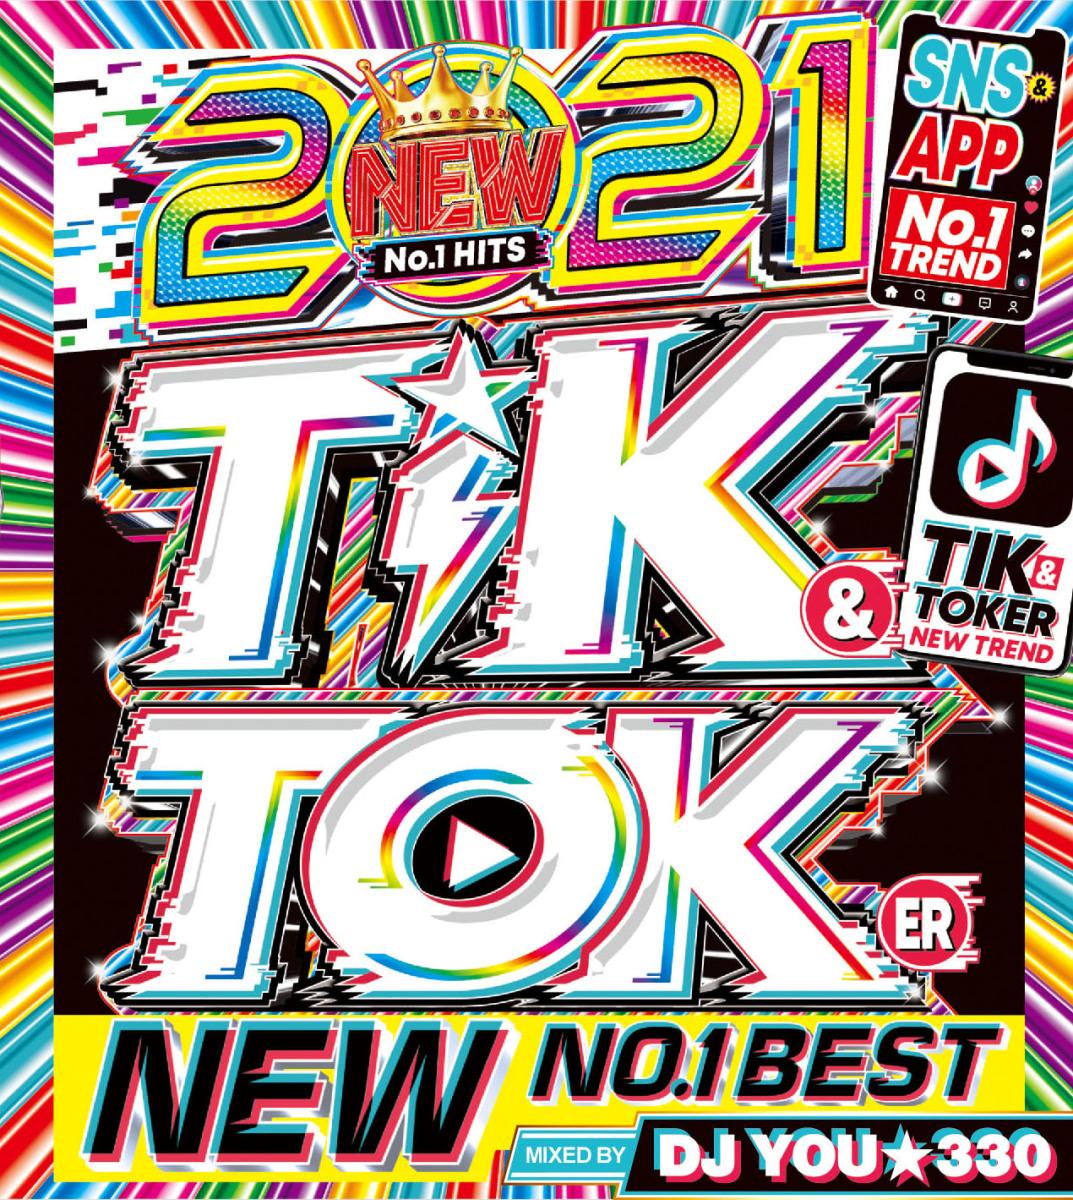 ティックトック 2021 人気シリーズ 人気曲収録2021 Tik & Toker No.1 New Best / DJ You★330